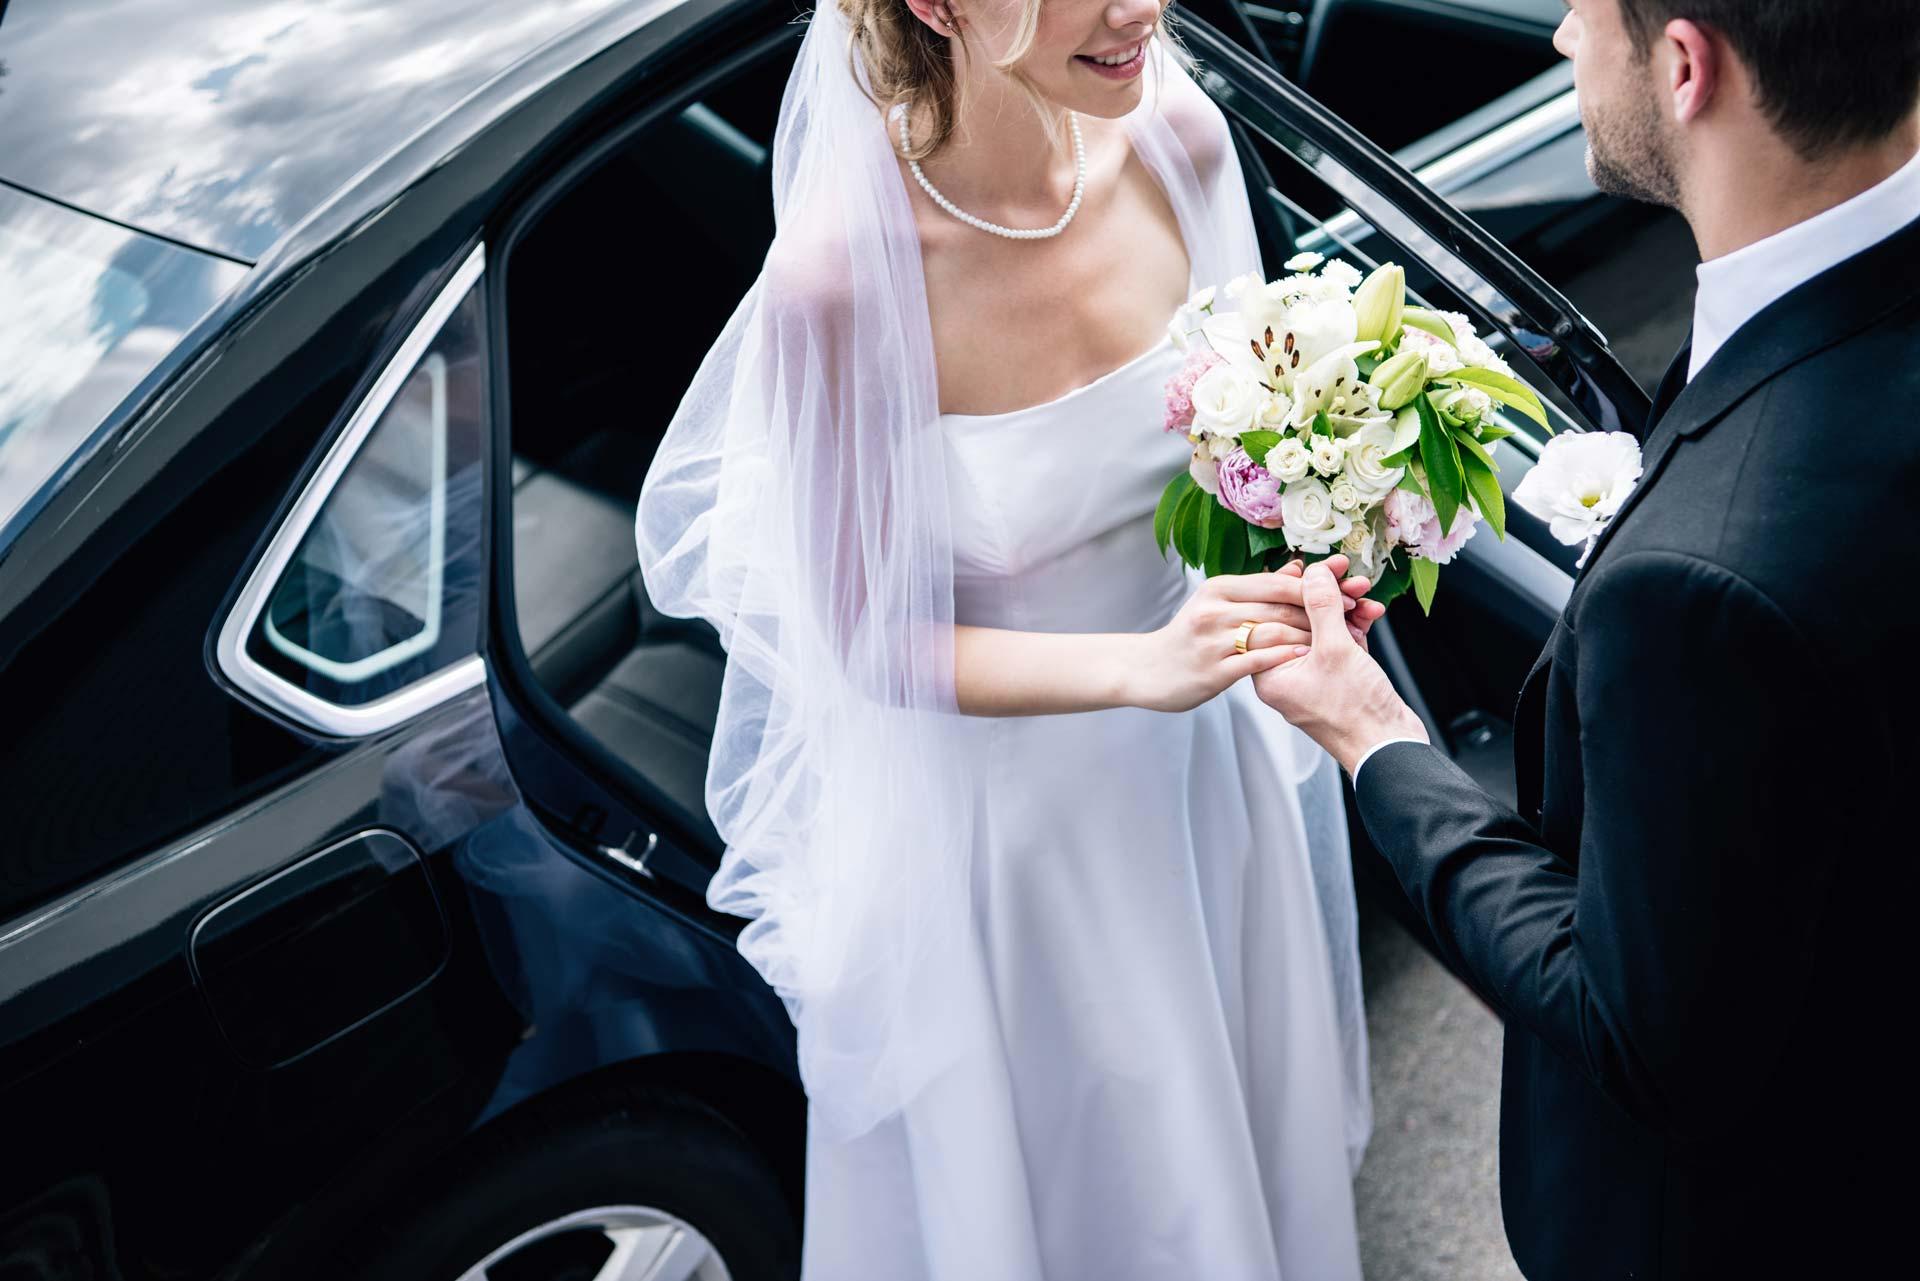 sposi durante servizio di noleggio auto per matrimonio con autista